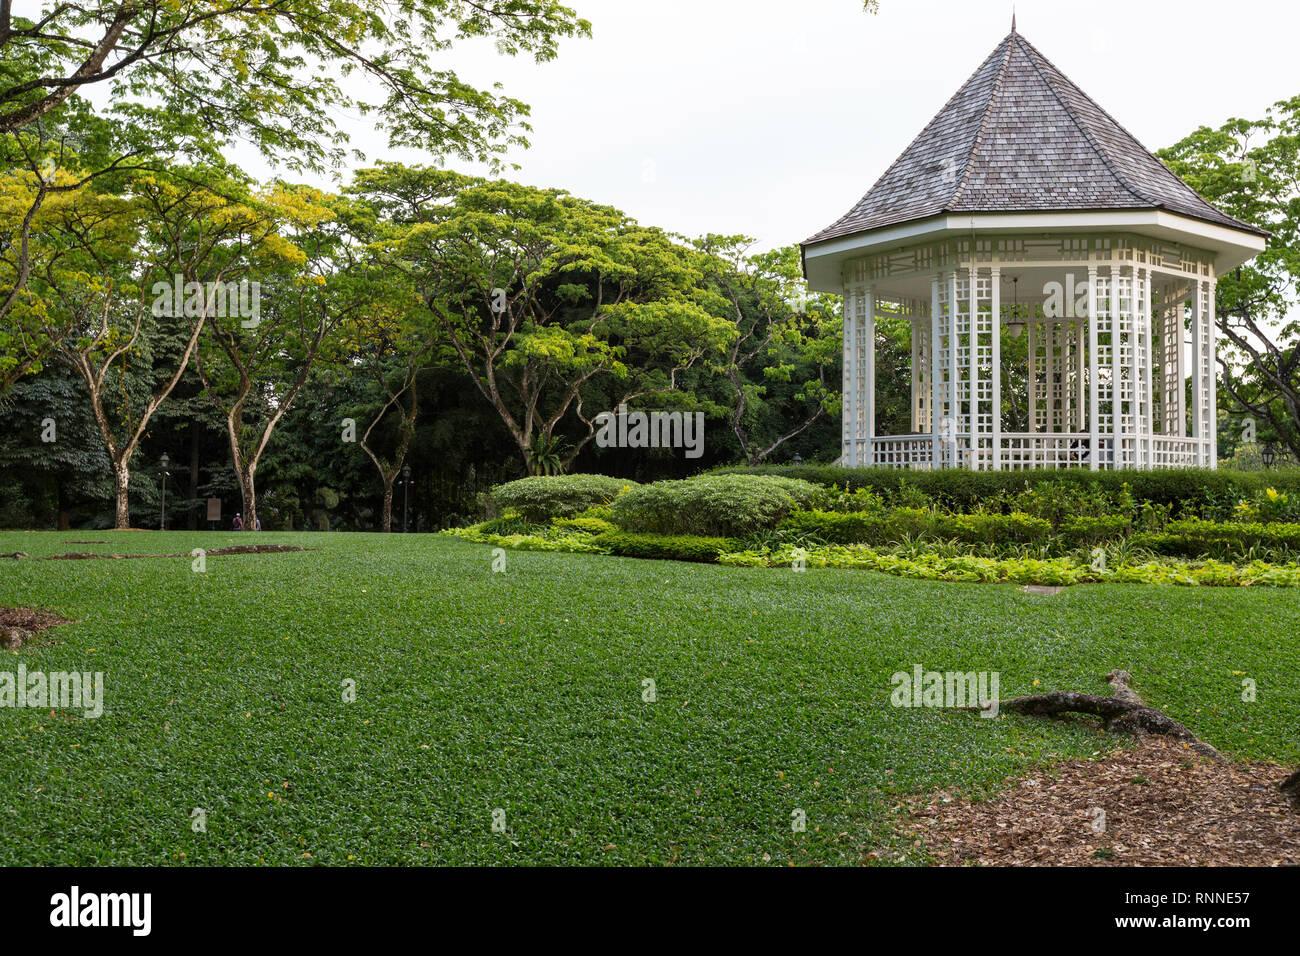 Singapore Botanic Garden Bandstand. - Stock Image